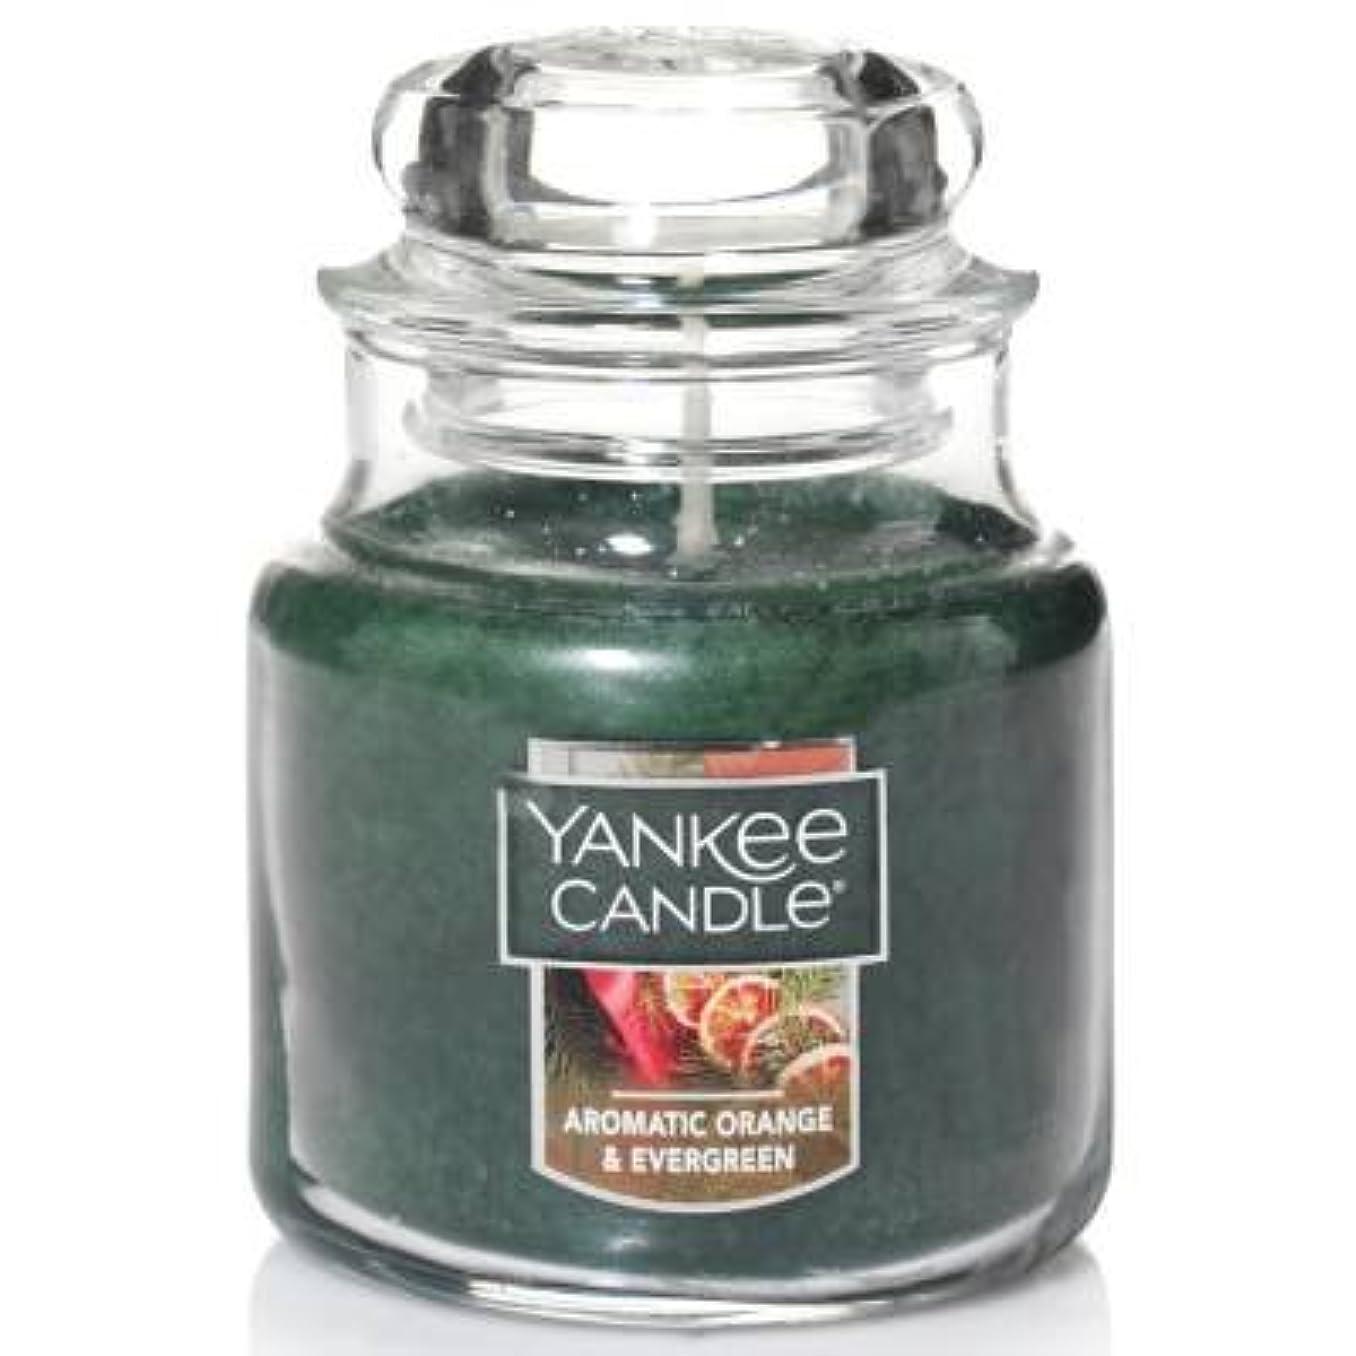 デッキ恐竜不合格Yankee Candle Aromaticオレンジ& Evergreen Small Jar Candle